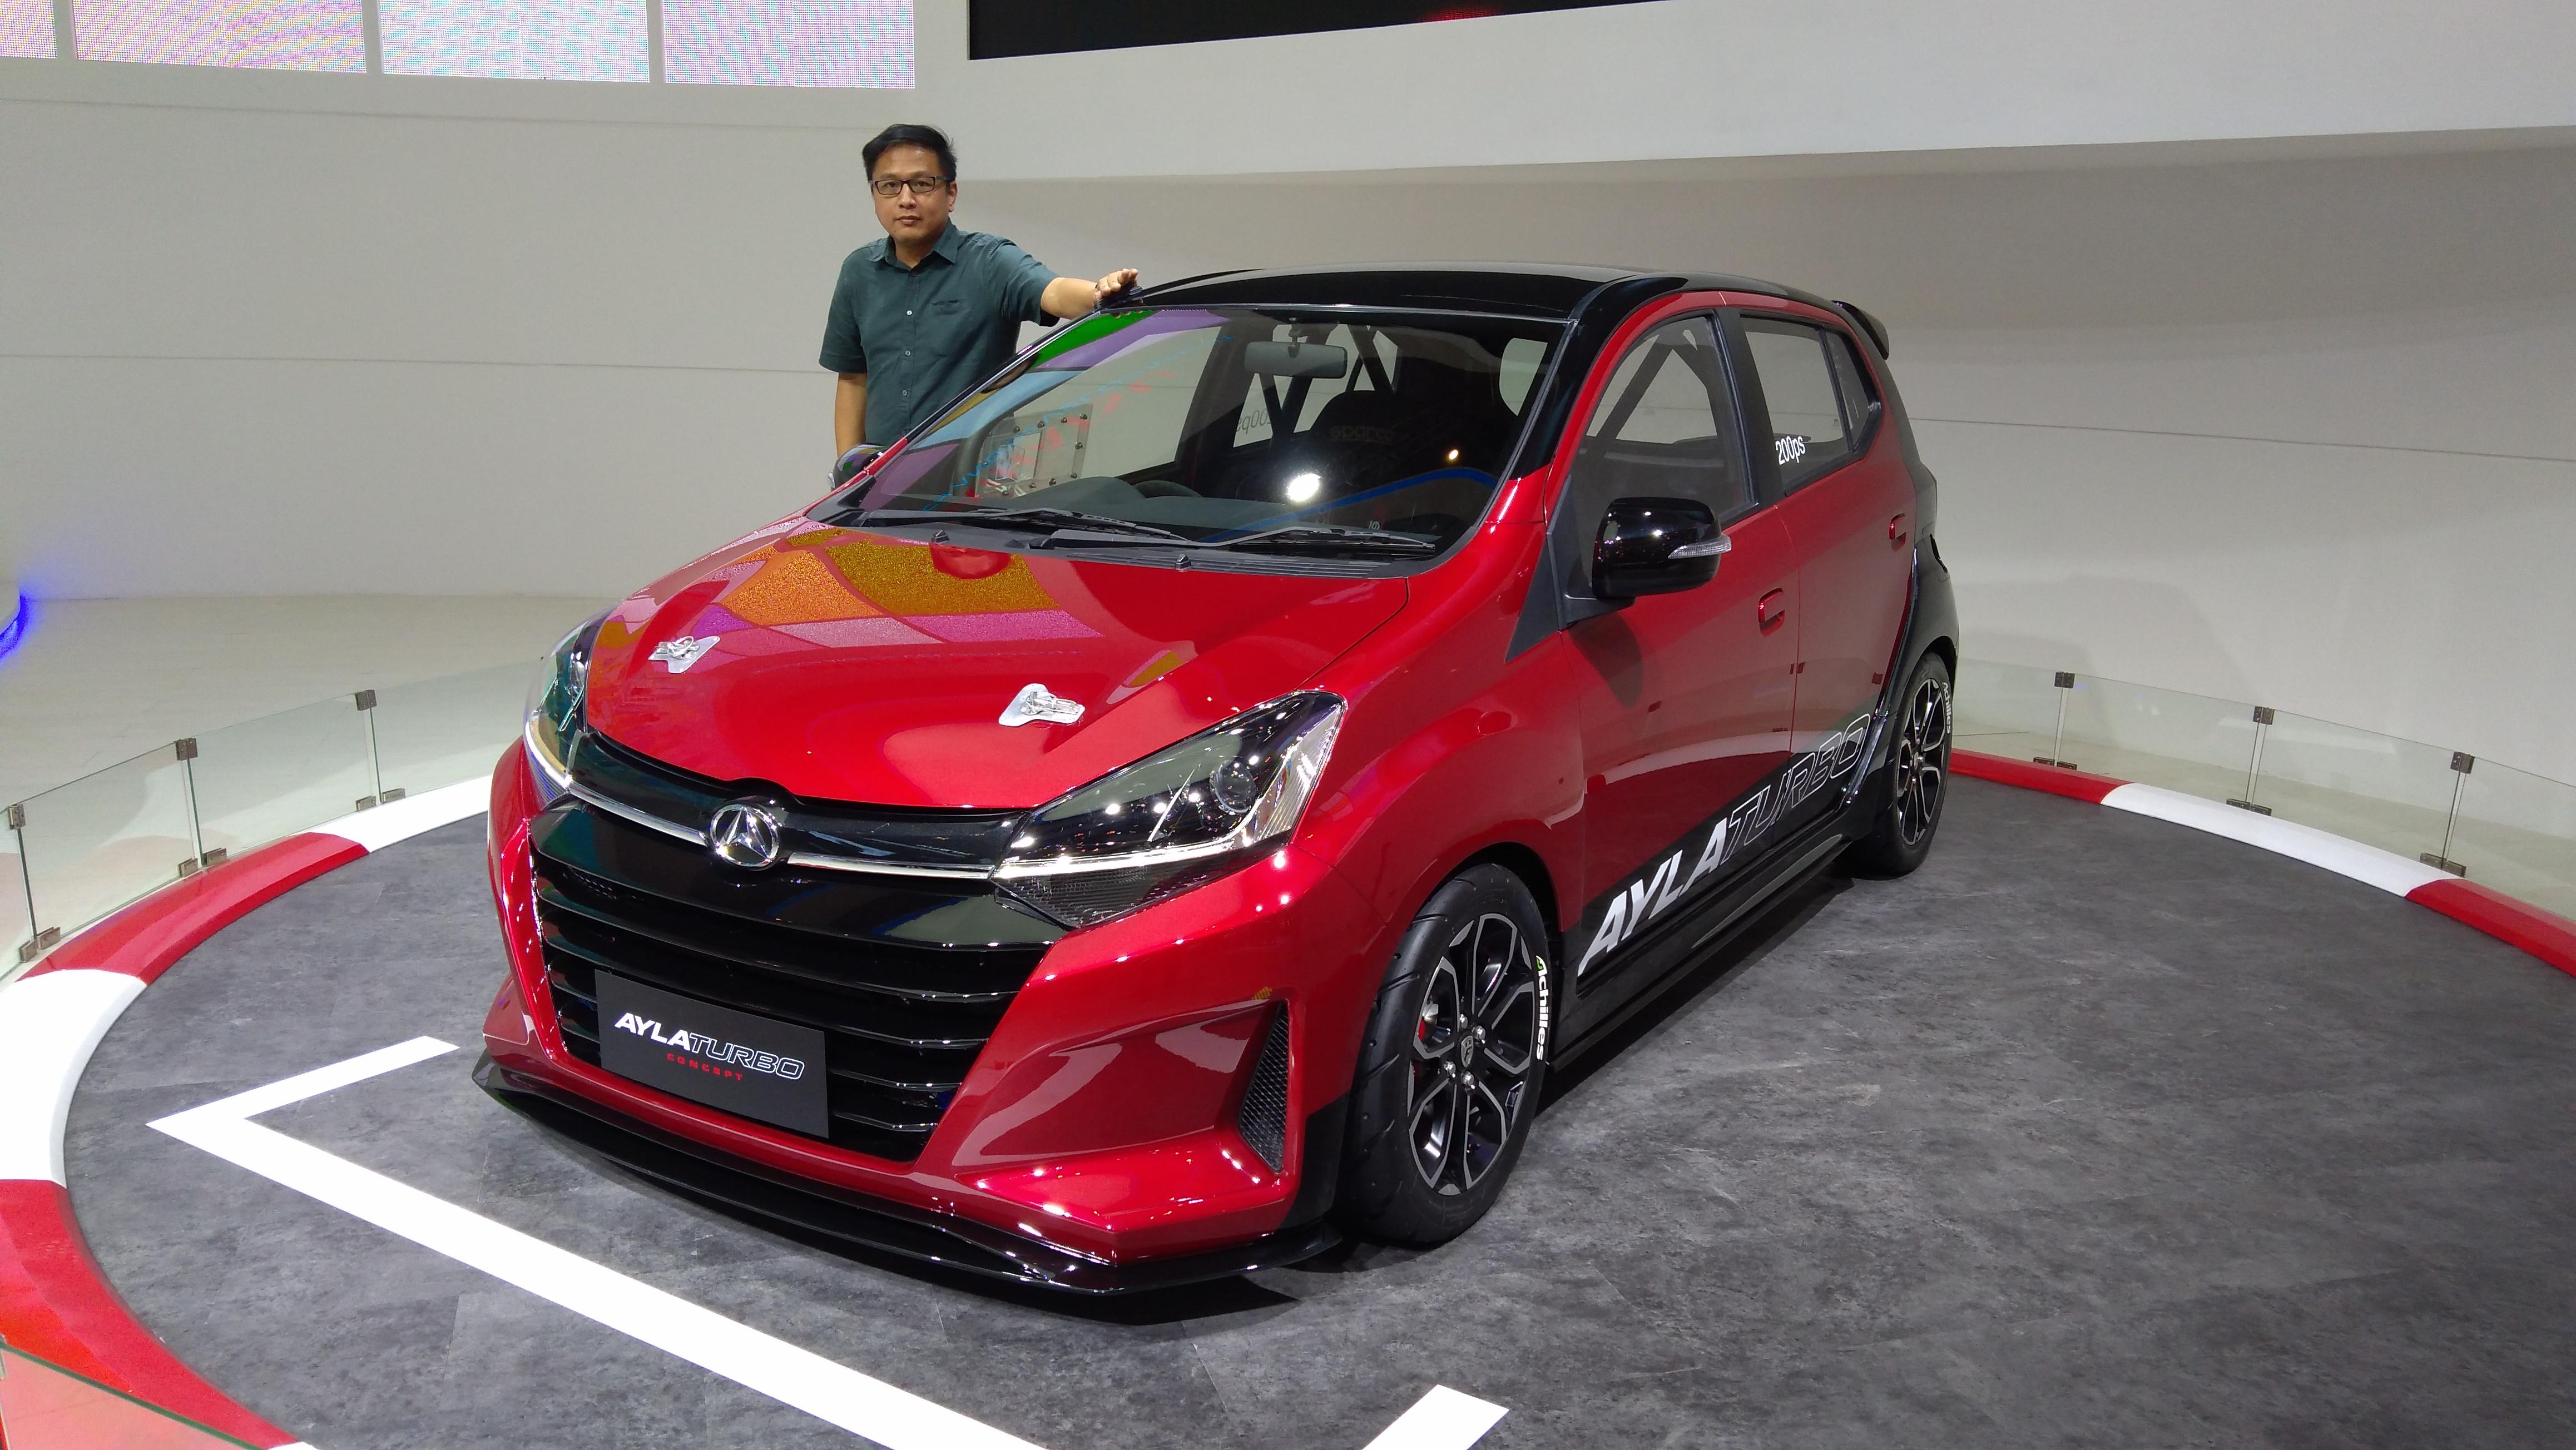 Daftar Harga Daihatsu 2019 Terbaru Alami Kenaikan Carmudi Indonesia